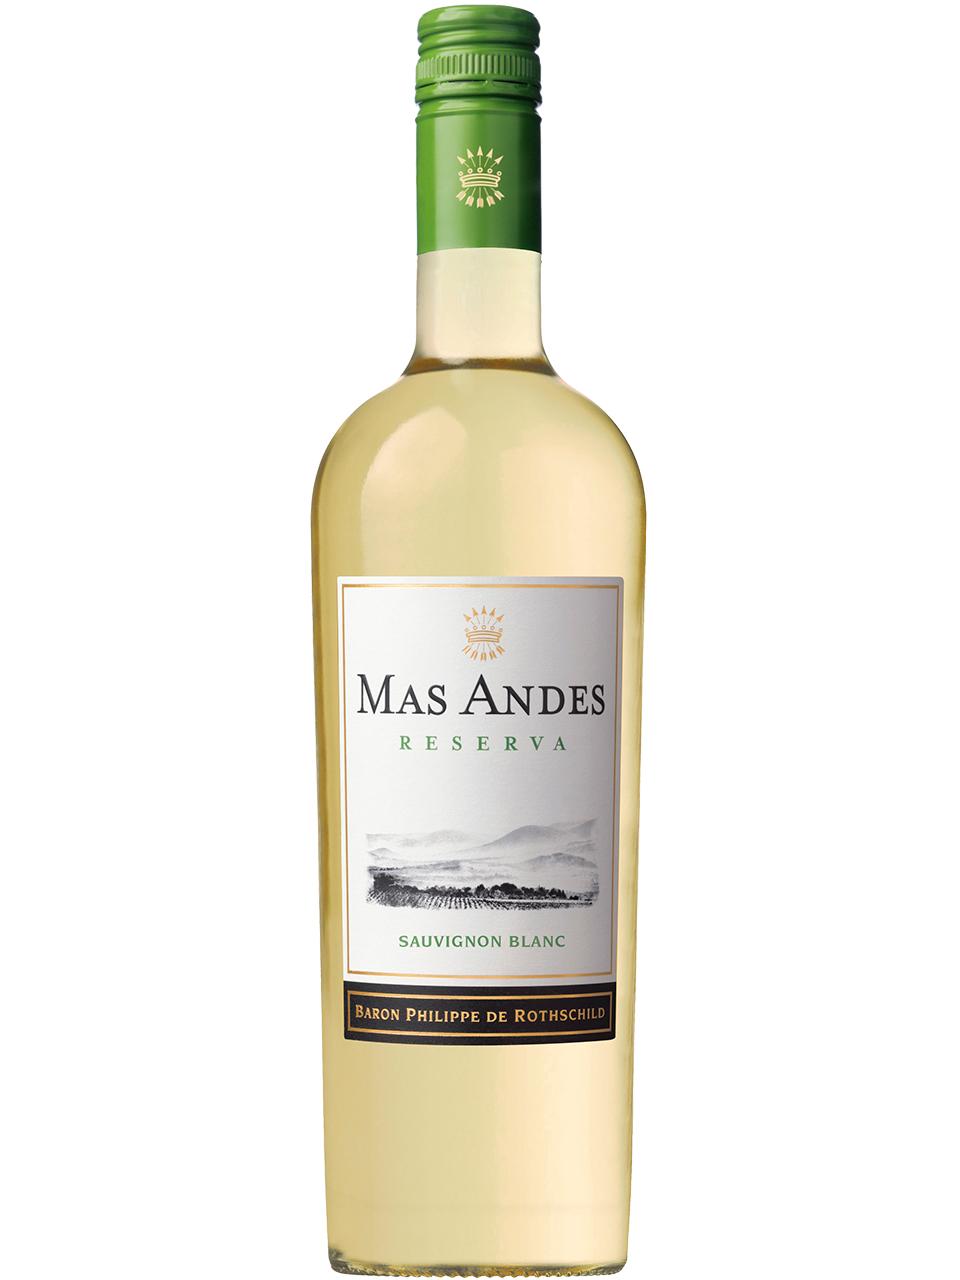 Mas Andes Reserva Sauvignon Blanc